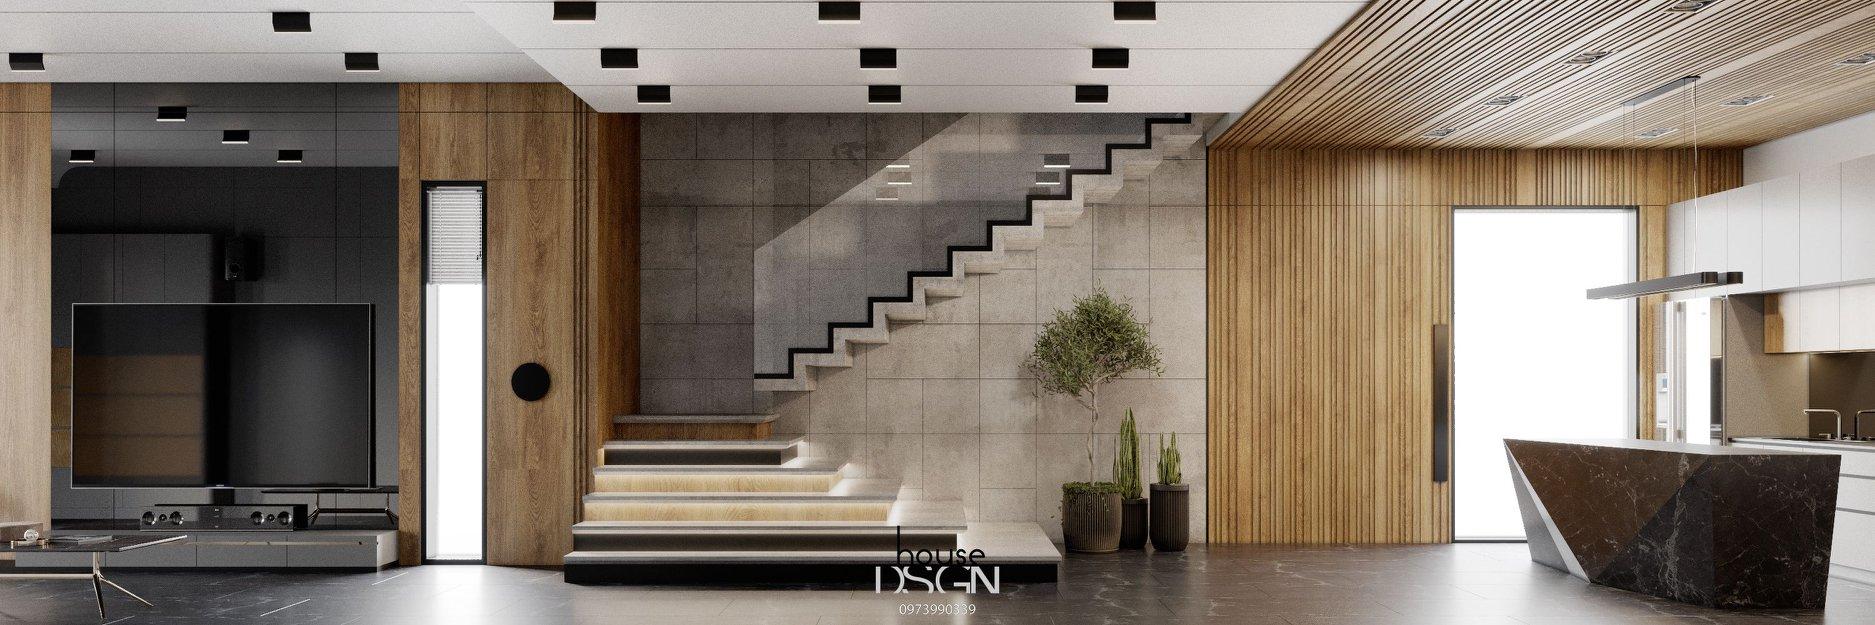 trang tri noi that phong khach co cau thang - Housedesign